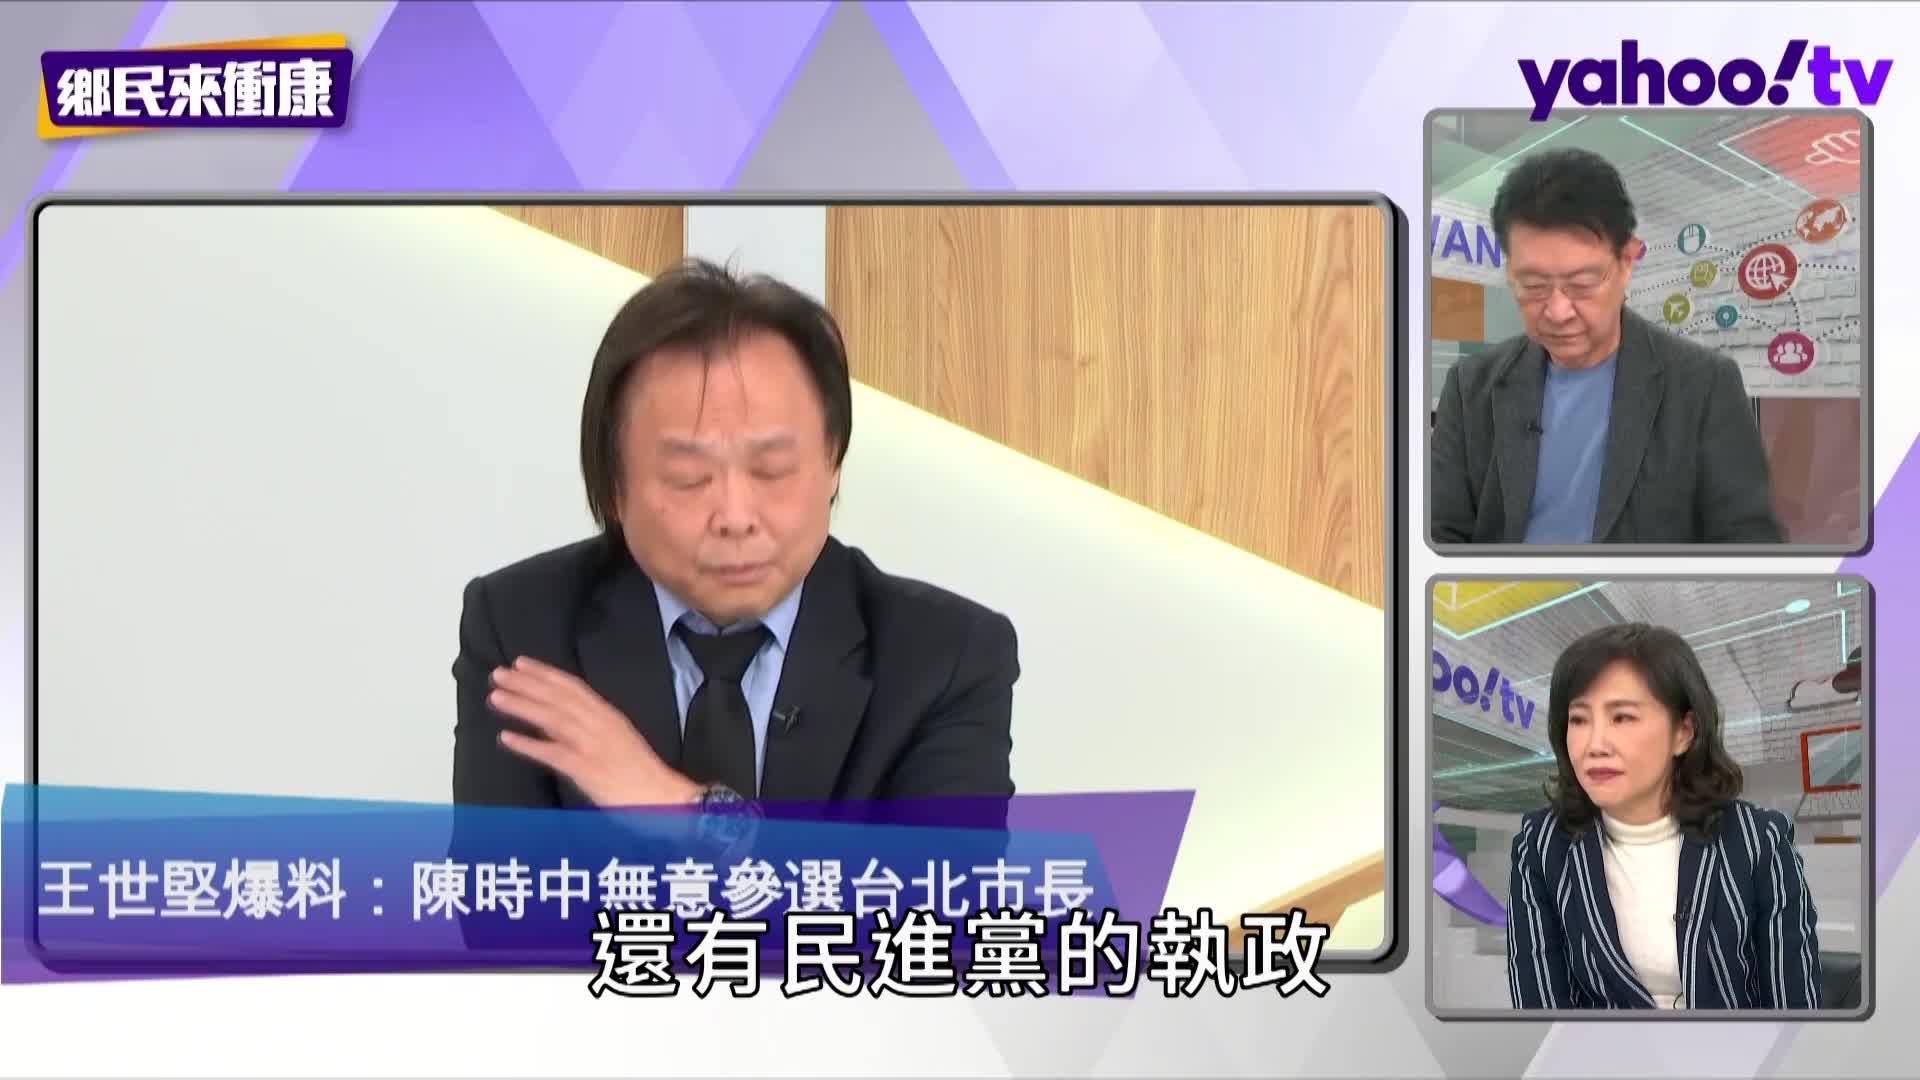 王世堅揭阿中部長的內心 柯志恩曝韓國瑜未來動向!